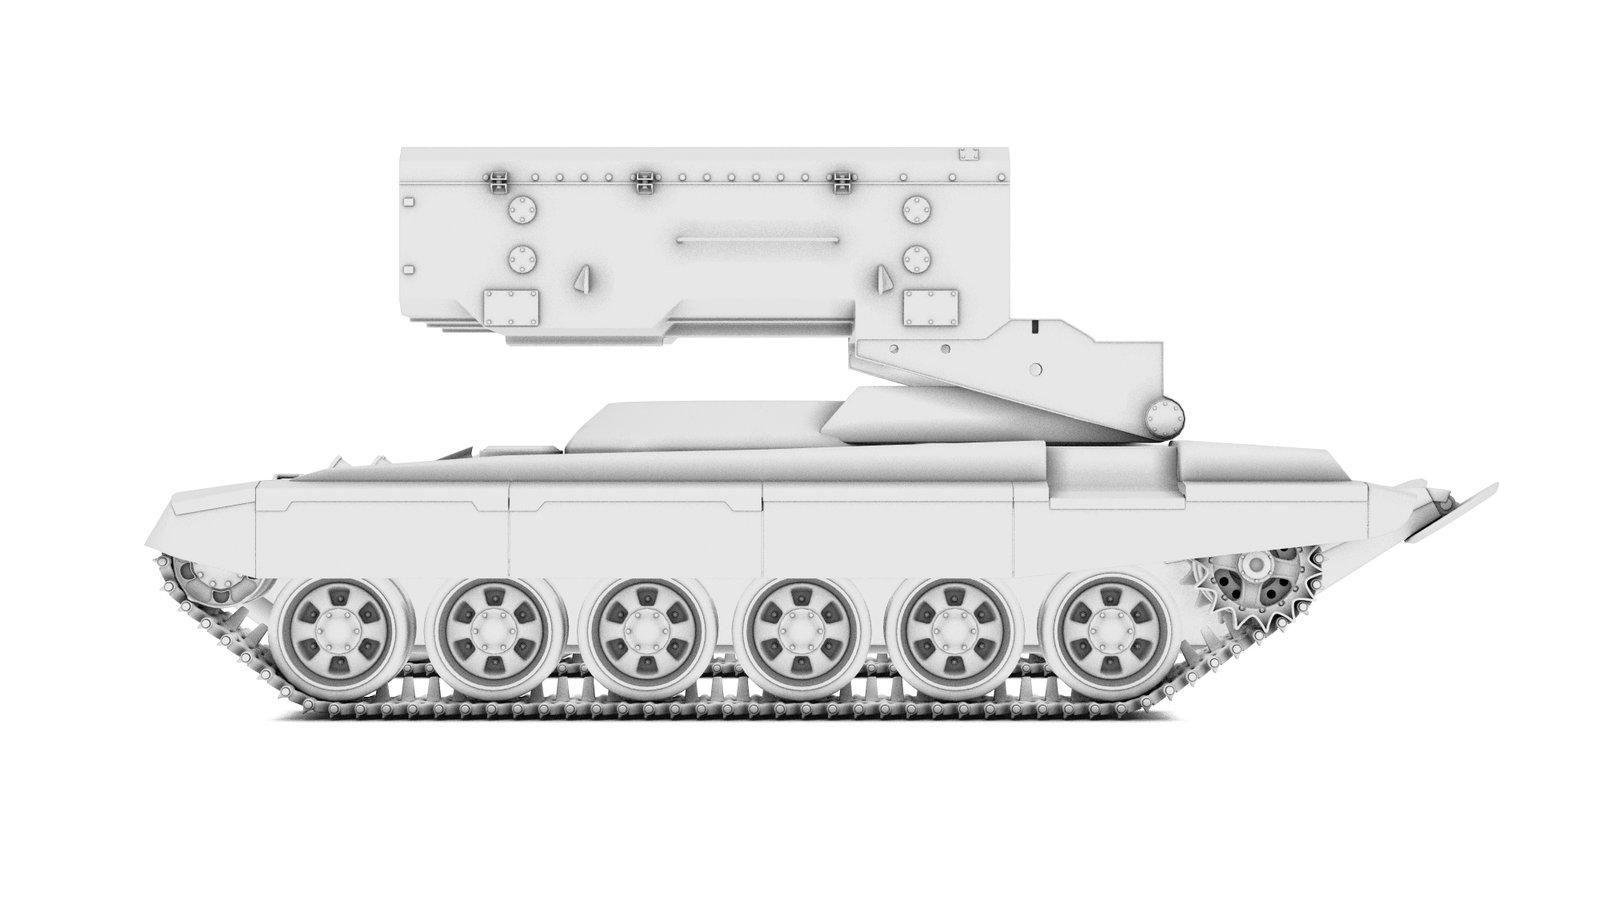 TOS-1-AO-side - smooth.jpg